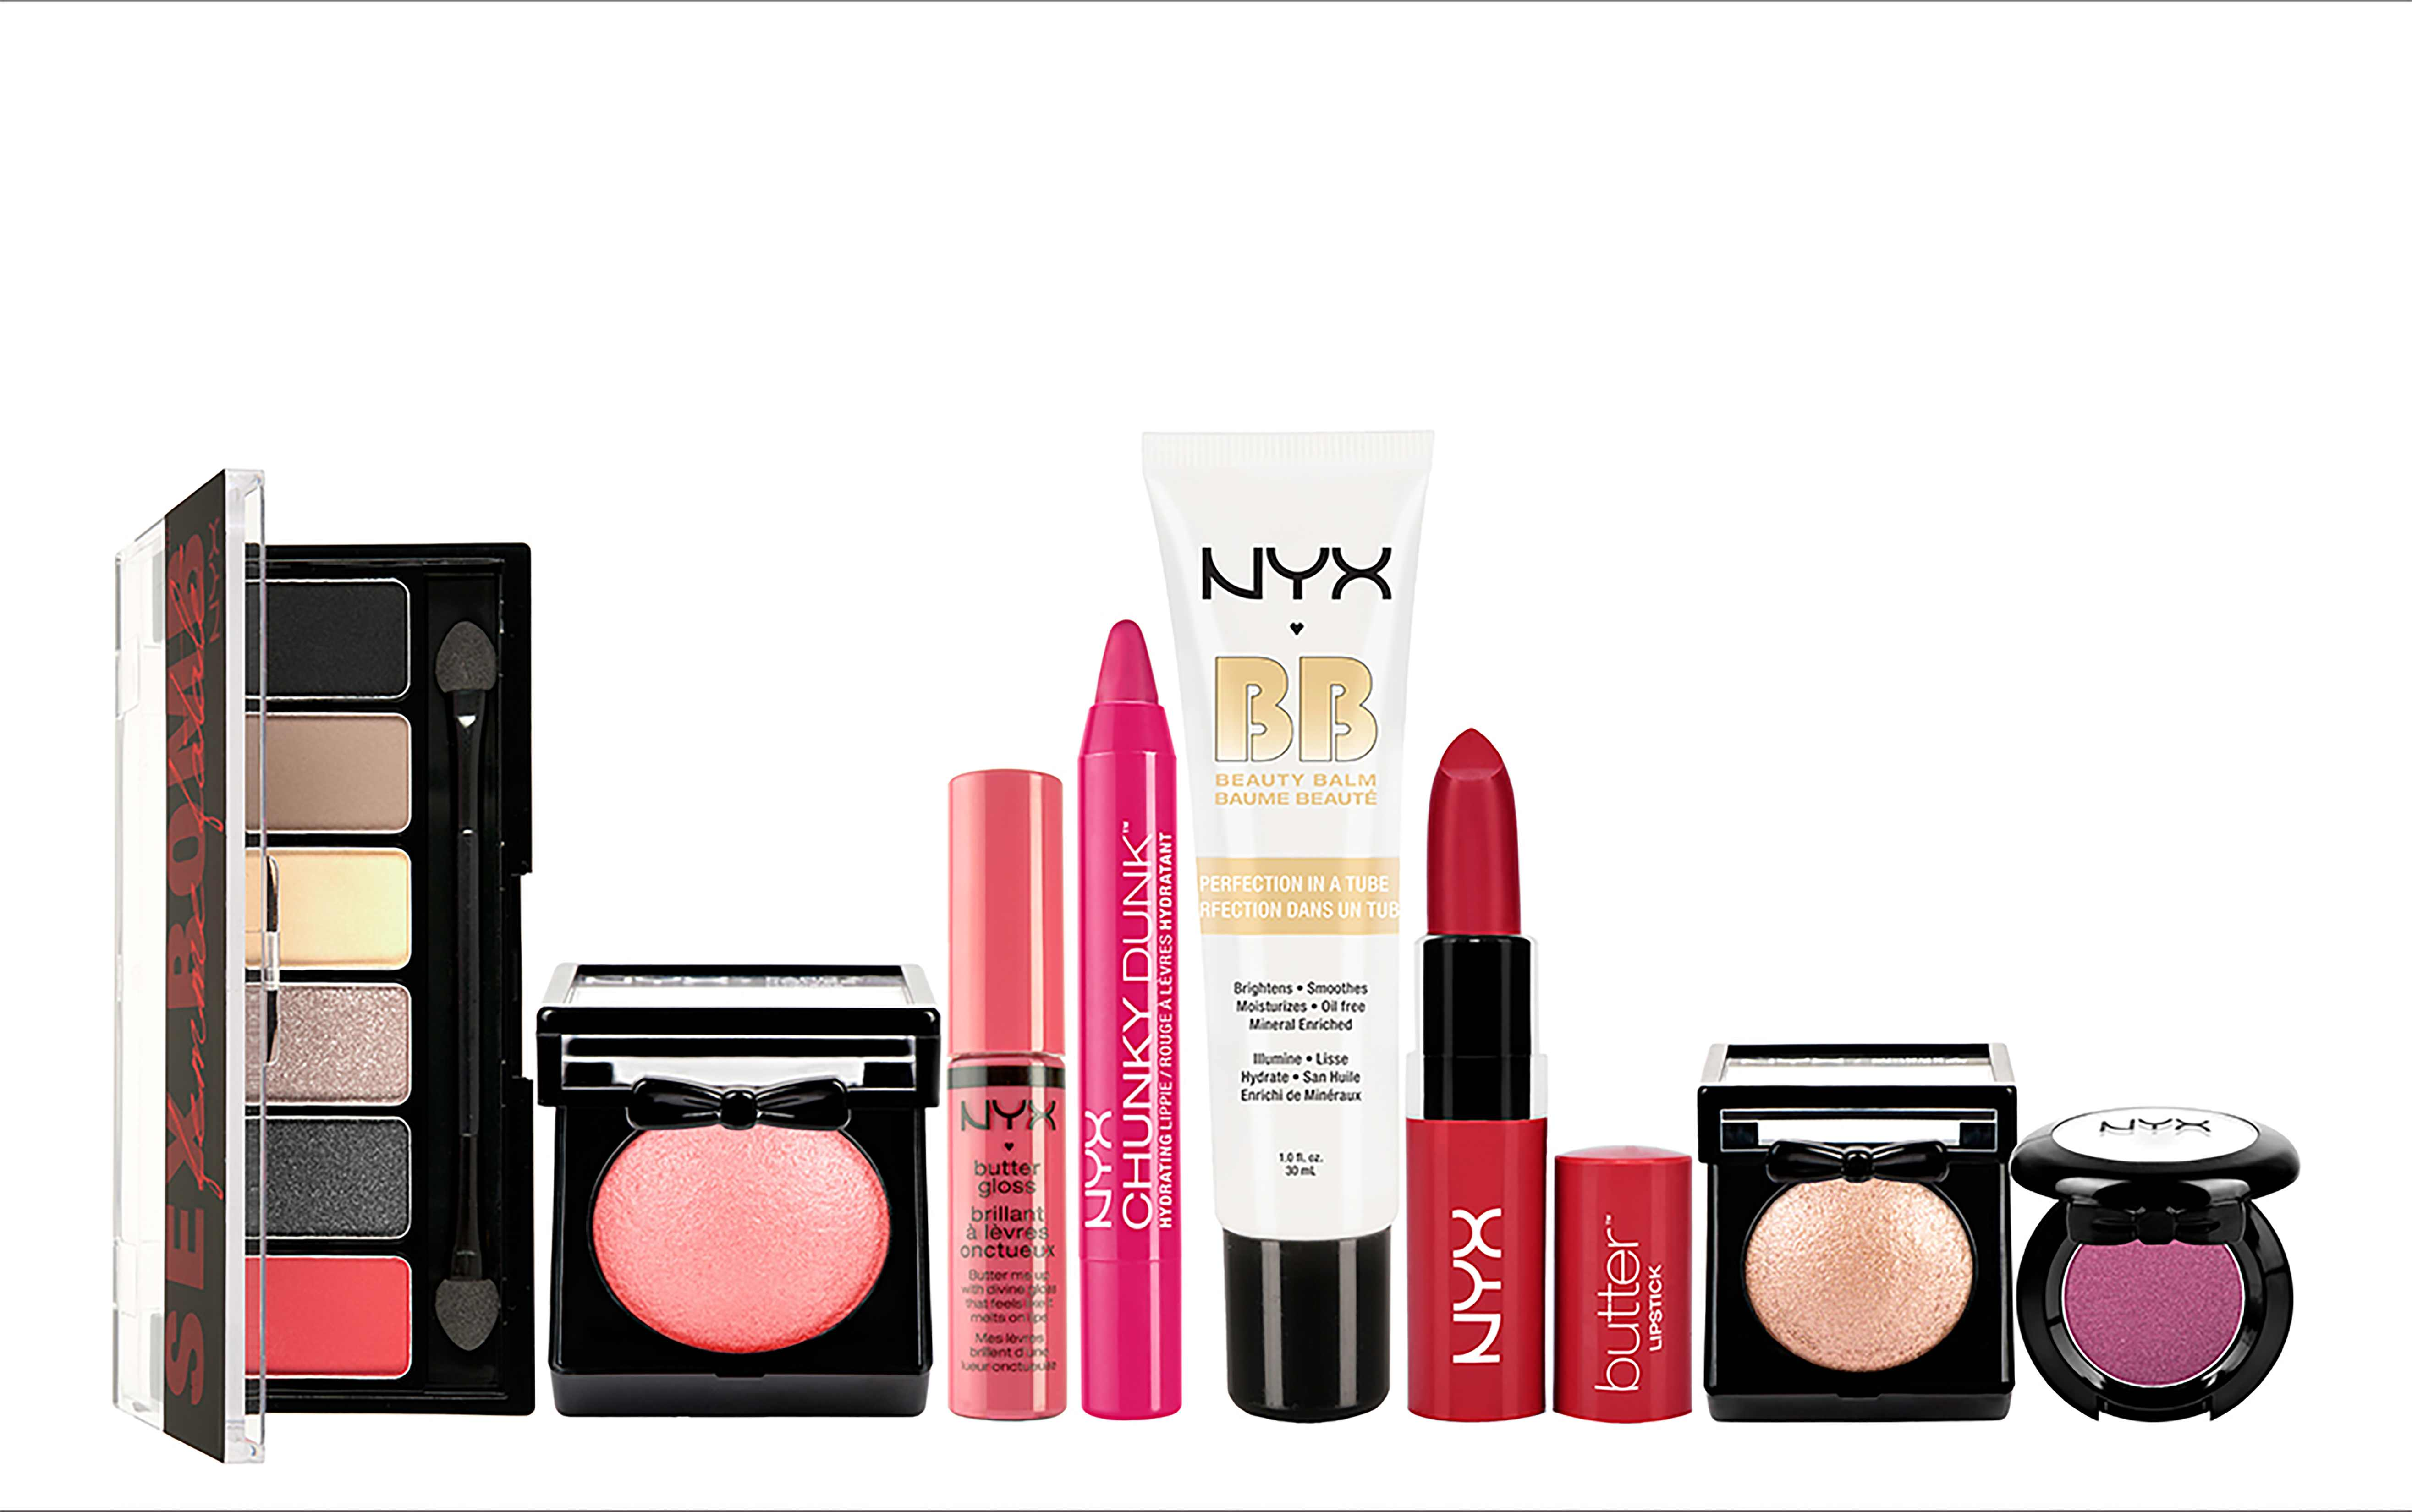 NYX lanseres i Norge